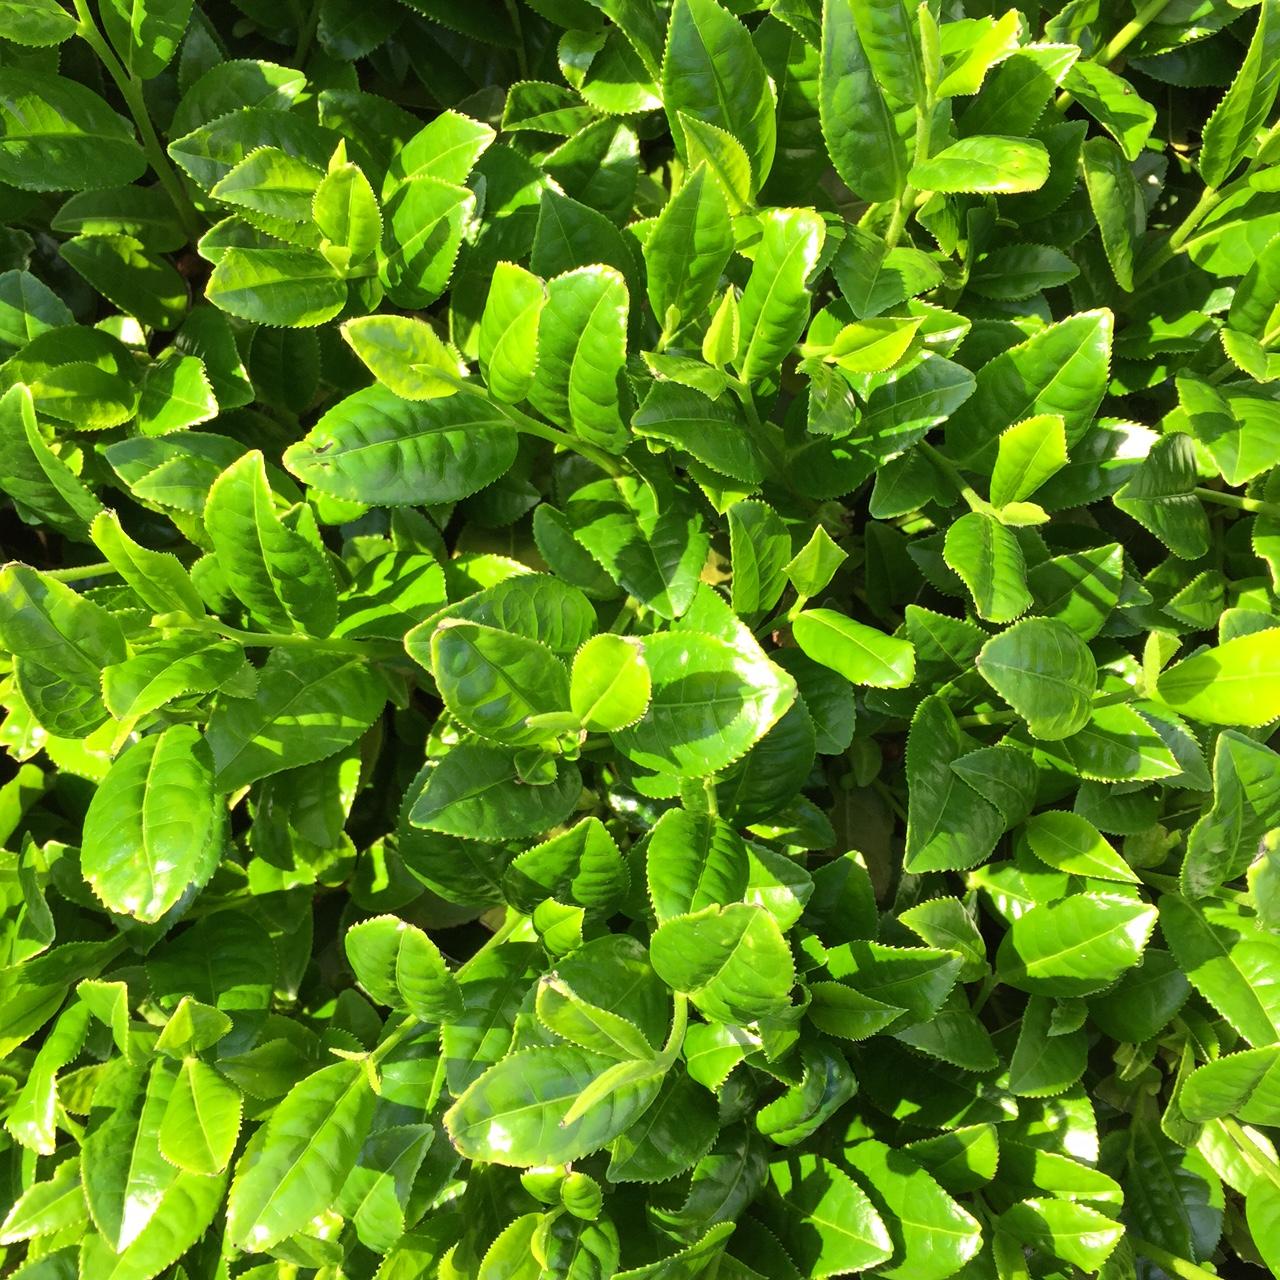 2017年4月24日かごしま緑茶の茶園風景です。早生品種ゆたかみどりです。緑が濃くなってきました!。